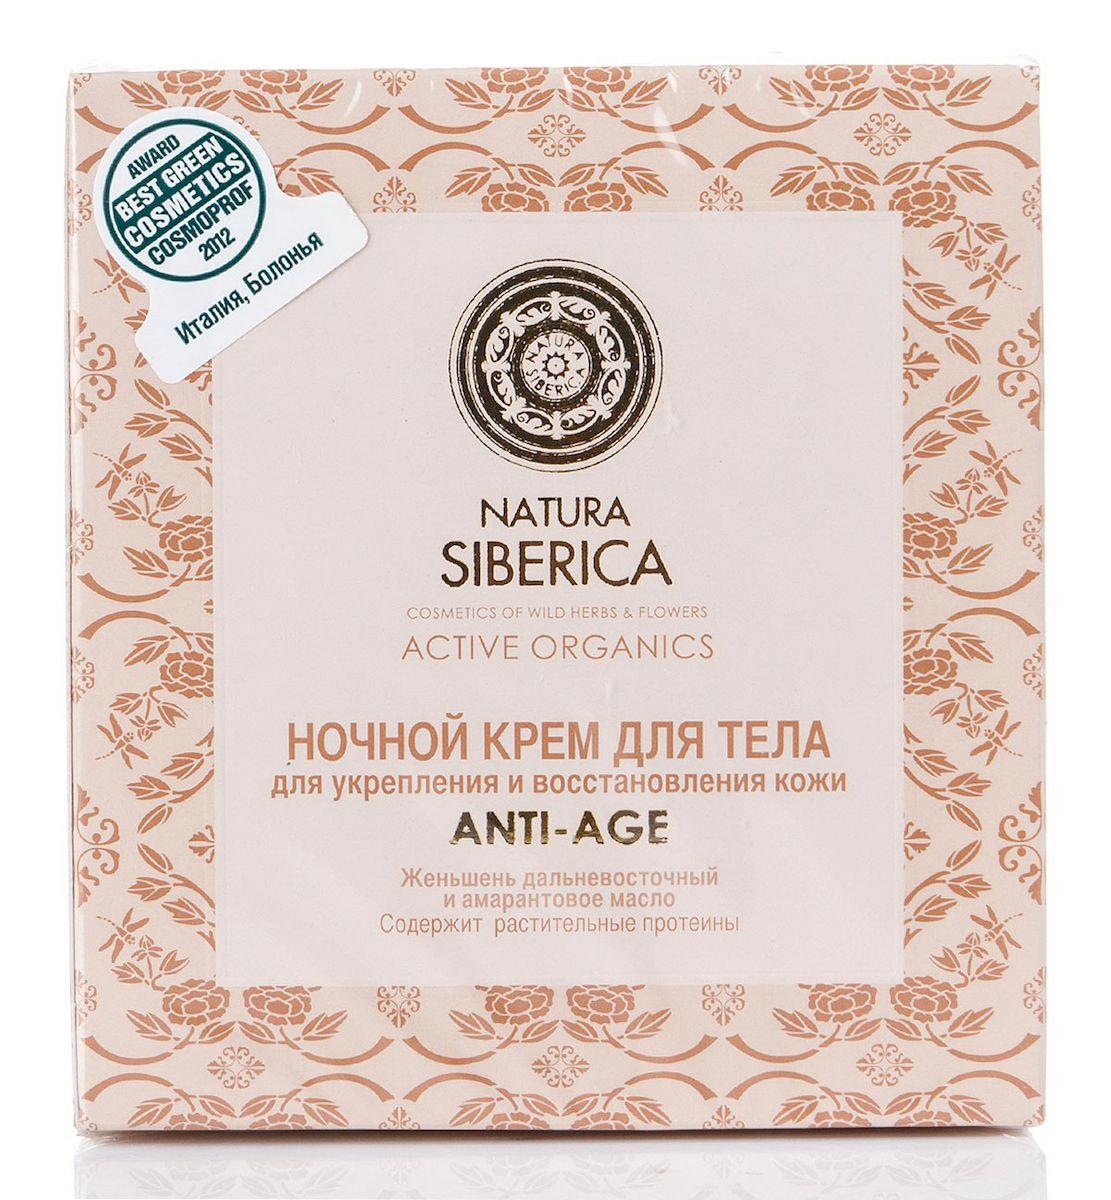 Natura Siberica ночной крем для тела Для укрепления и восстановления кожи Anti-Age 370 г086-30389Во время сна кожа интенсивно восстанавливается. Для того чтобы сделать этот процесс наиболее эффективным, мы создали специальный ночной крем для тела NaturaSiberica на основе амарантового масла и женьшеня дальневосточного. Амарантовое масло - одно из лучших средств для увлажнения и защиты кожи. Масло семян амаранта обладает уникальным составом биологически активных веществ: провитамины, ненасыщенные жирные кислоты и витамин Е, необходимый для здоровья кожи. Женьшень дальневосточный с давних времен известен своей удивительной целительной силой и возможностями продлевать молодость человека. Женьшень ускоряет процессы обновления кожи и возвращает ей высокий тонус, а также свойственные молодости упругость и эластичность.Уважаемые клиенты!Обращаем ваше внимание на возможные изменения в дизайне упаковки. Качественные характеристики товара остаются неизменными. Поставка осуществляется в зависимости от наличия на складе.